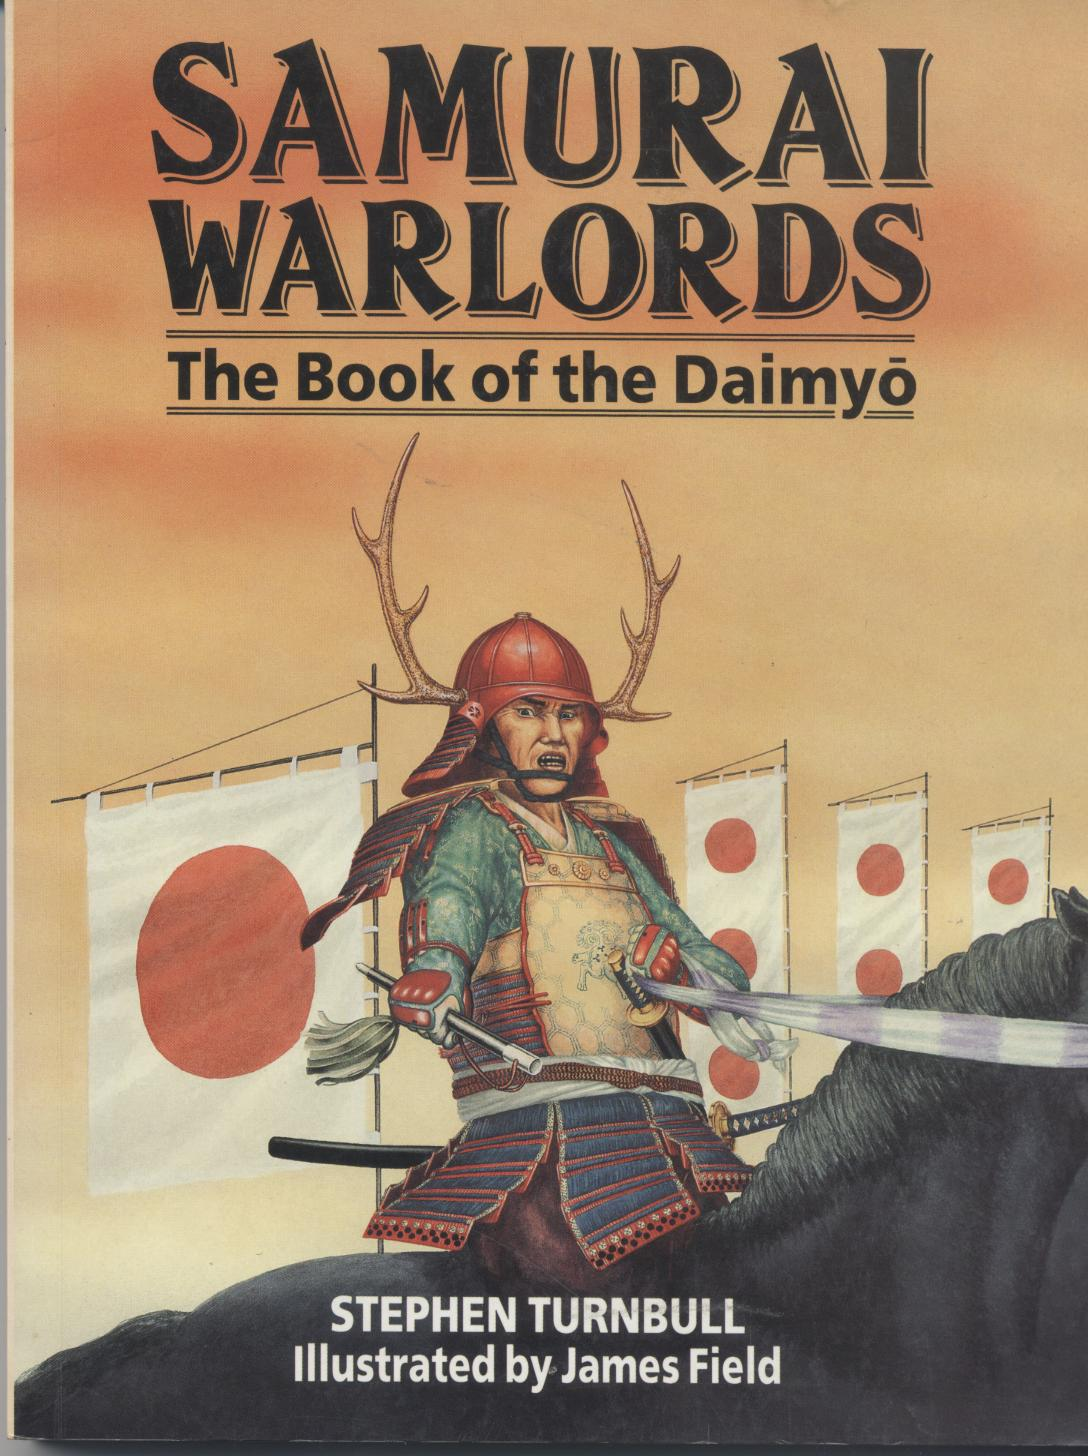 Samurai Warlords